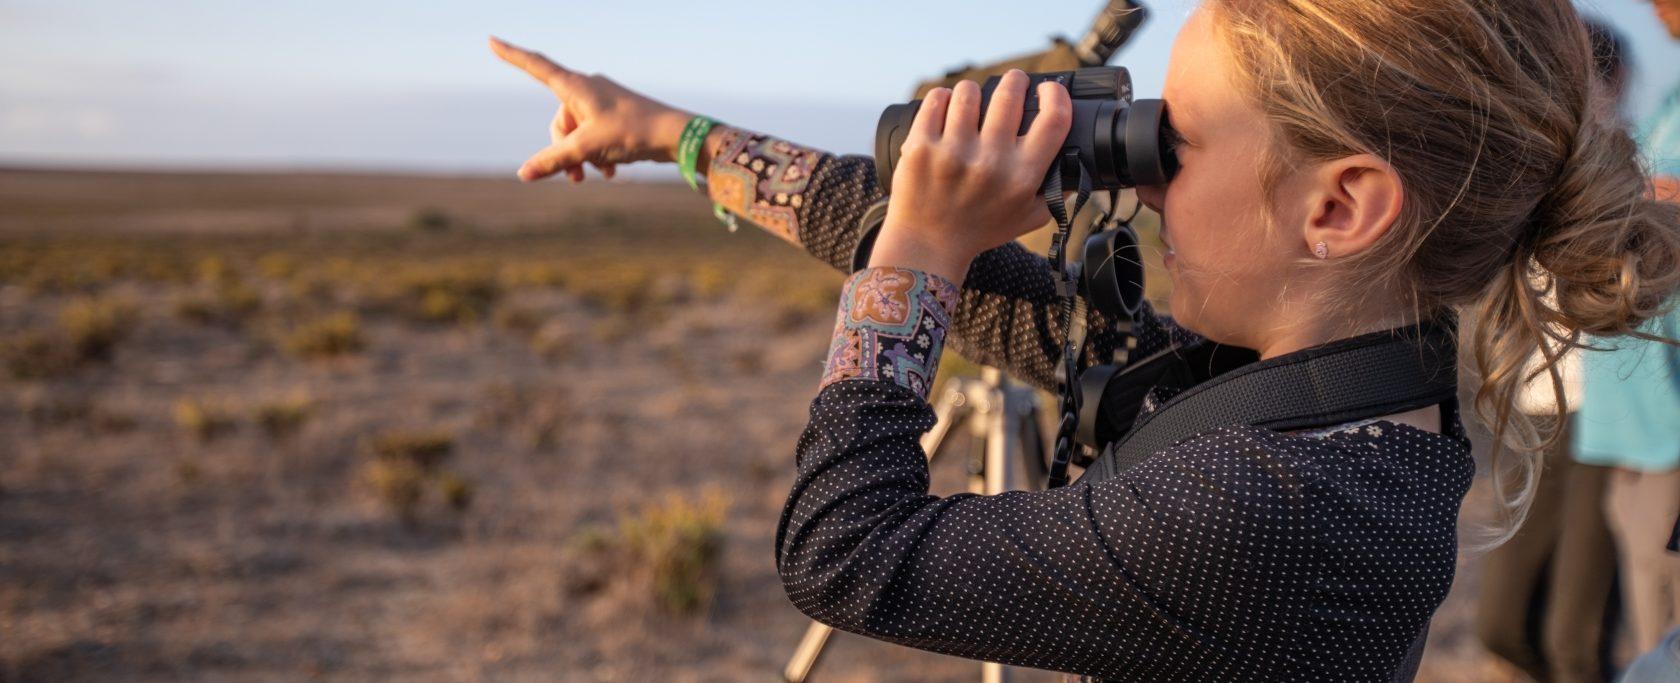 menina a observar aves